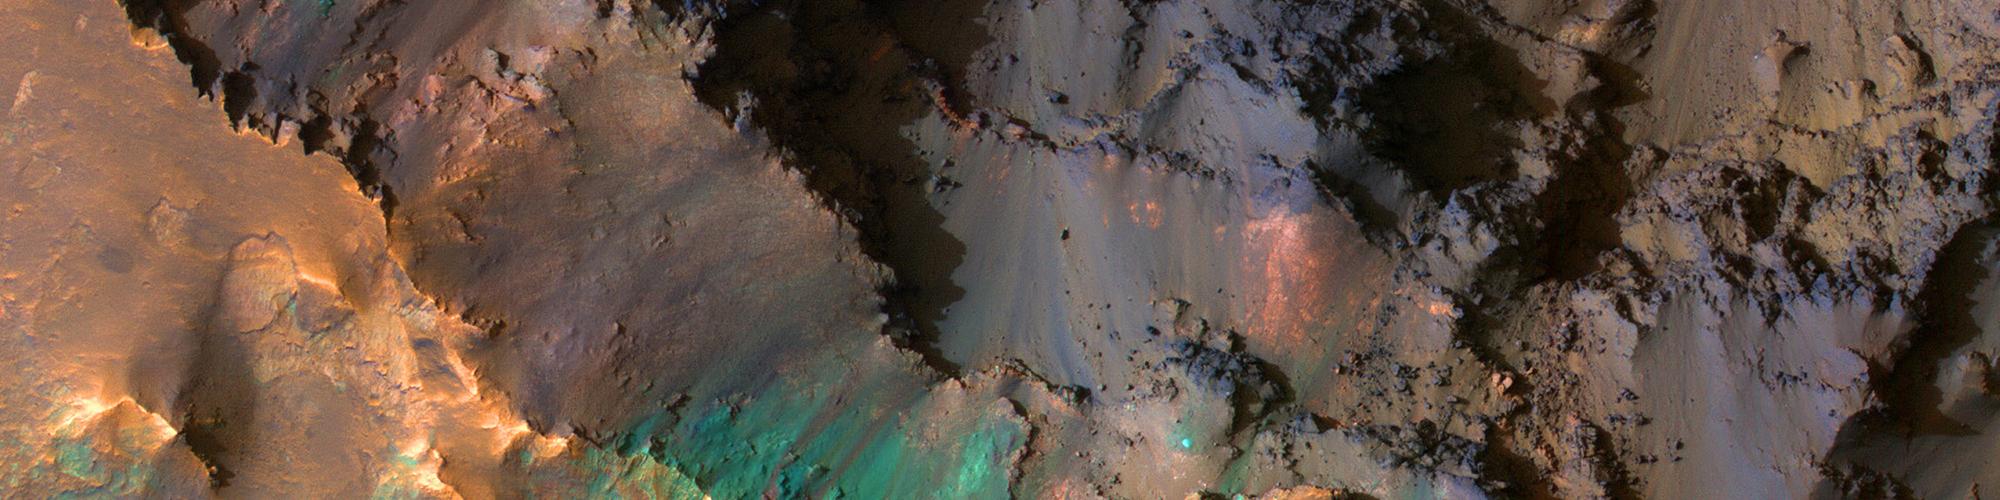 Le sommet de Coprates Chasma